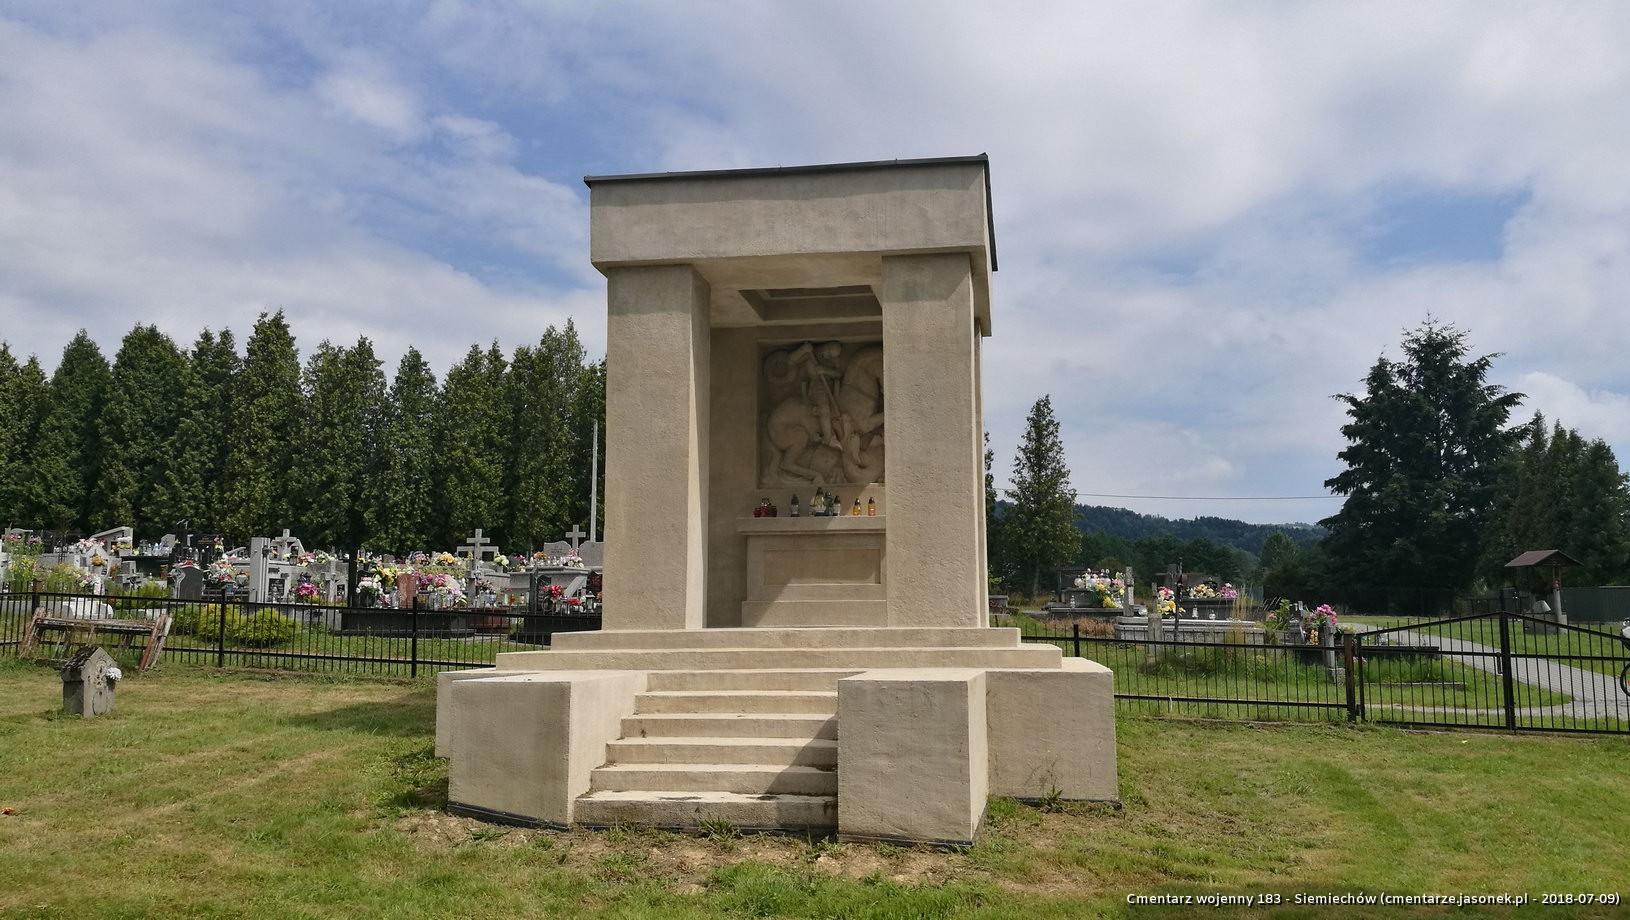 Cmentarz wojenny 183 - Siemiechów